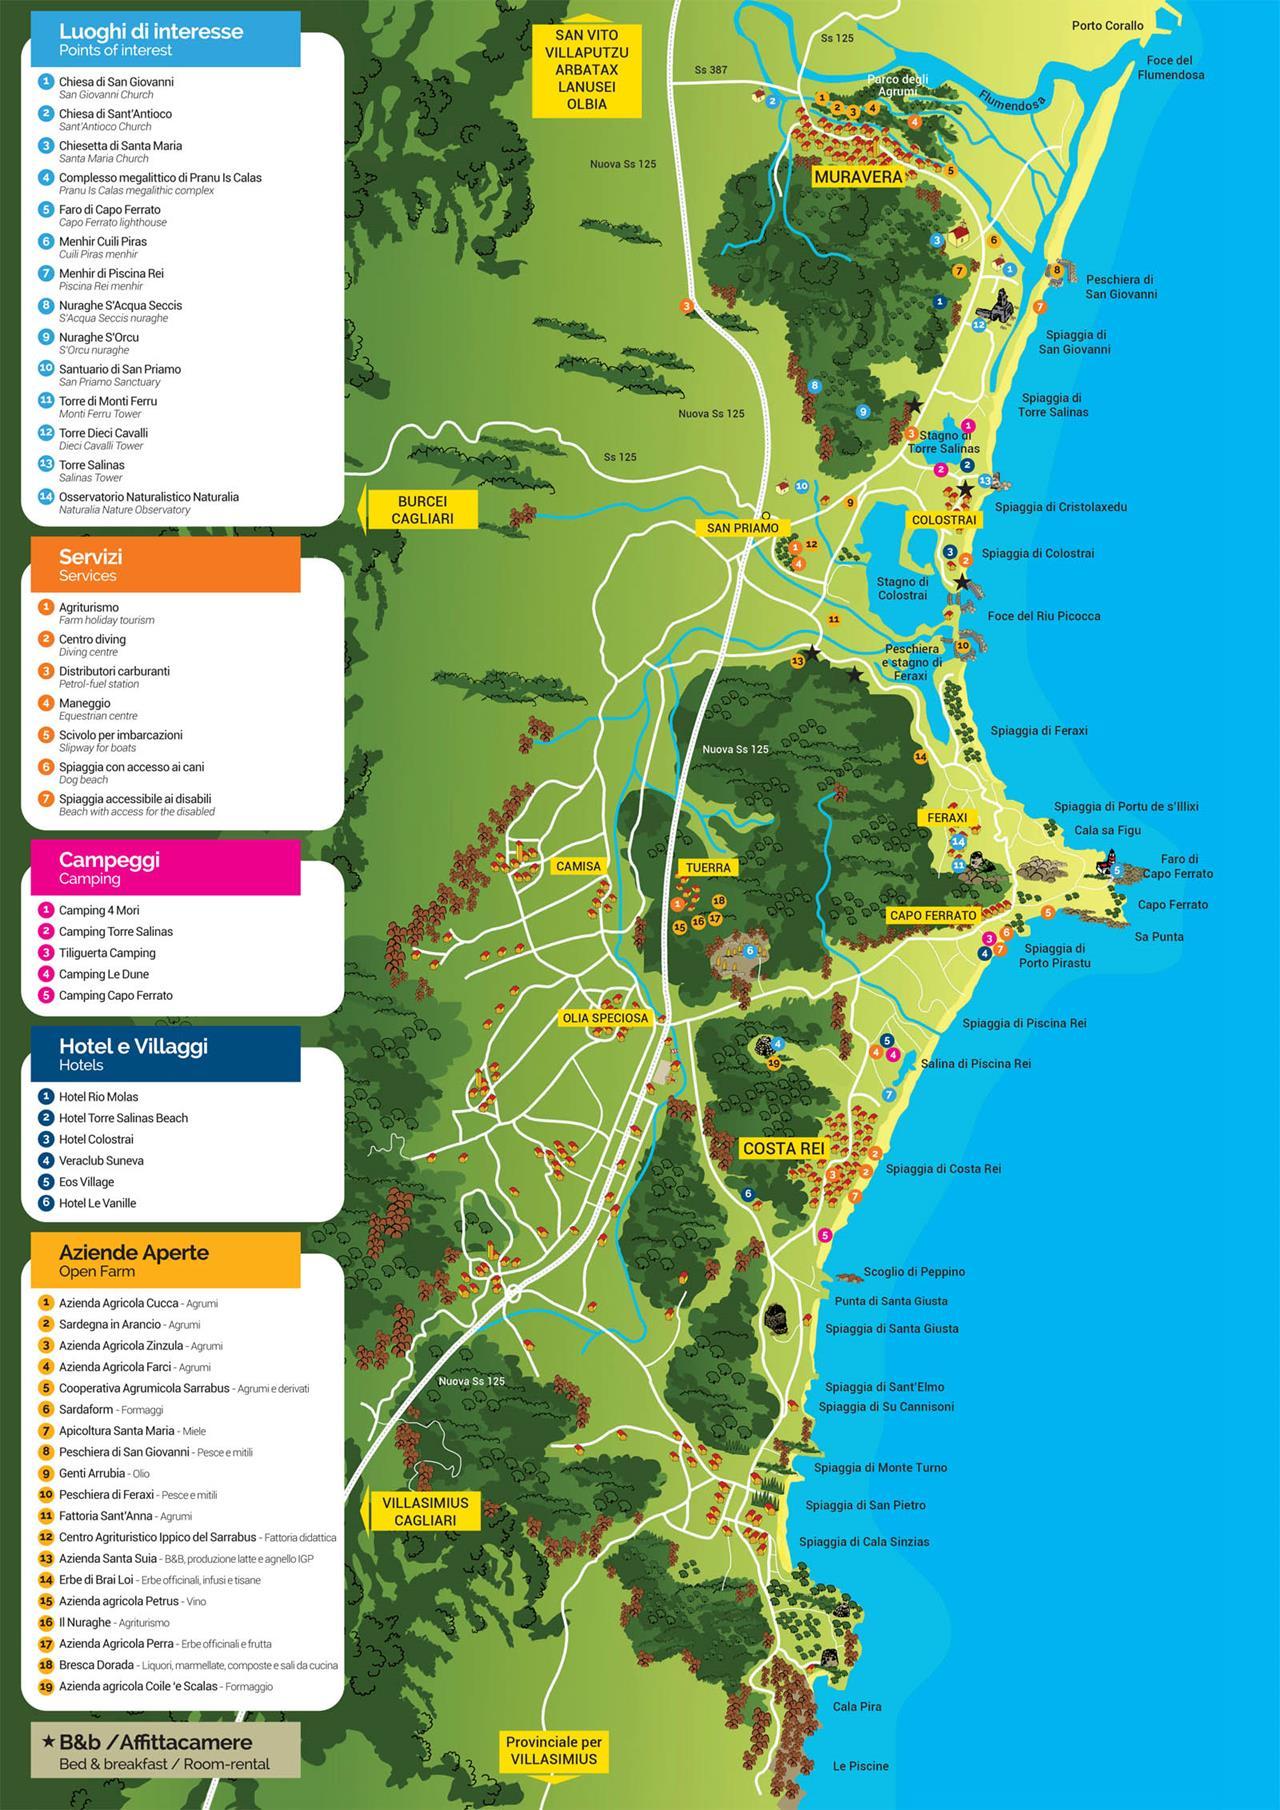 Sardegna Cartina Spiagge.Ictus Calligrafia Mormorio Cartina Spiagge Nord Sardegna Amazon Settimanaciclisticalombarda It